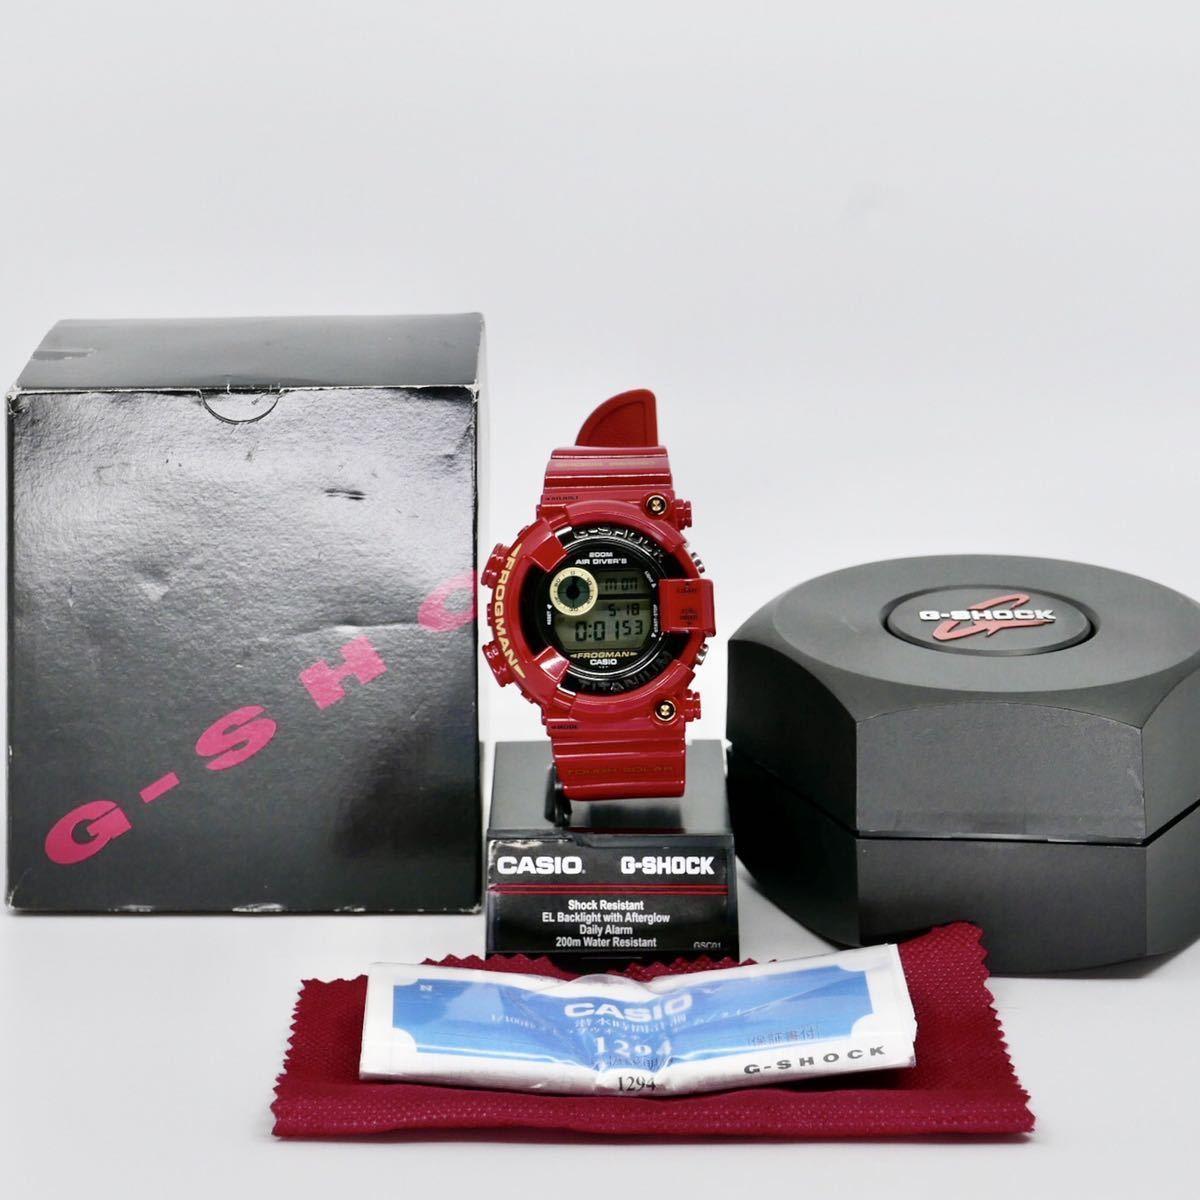 【極美品】シャイニーレッド ブラックフロッグマン DW-8200BM MIB2極美品モジュール GF-8230新品ベルベゼ カスタム DW-8201 8250シリーズ_出品物一式(スタンドは付属しません)